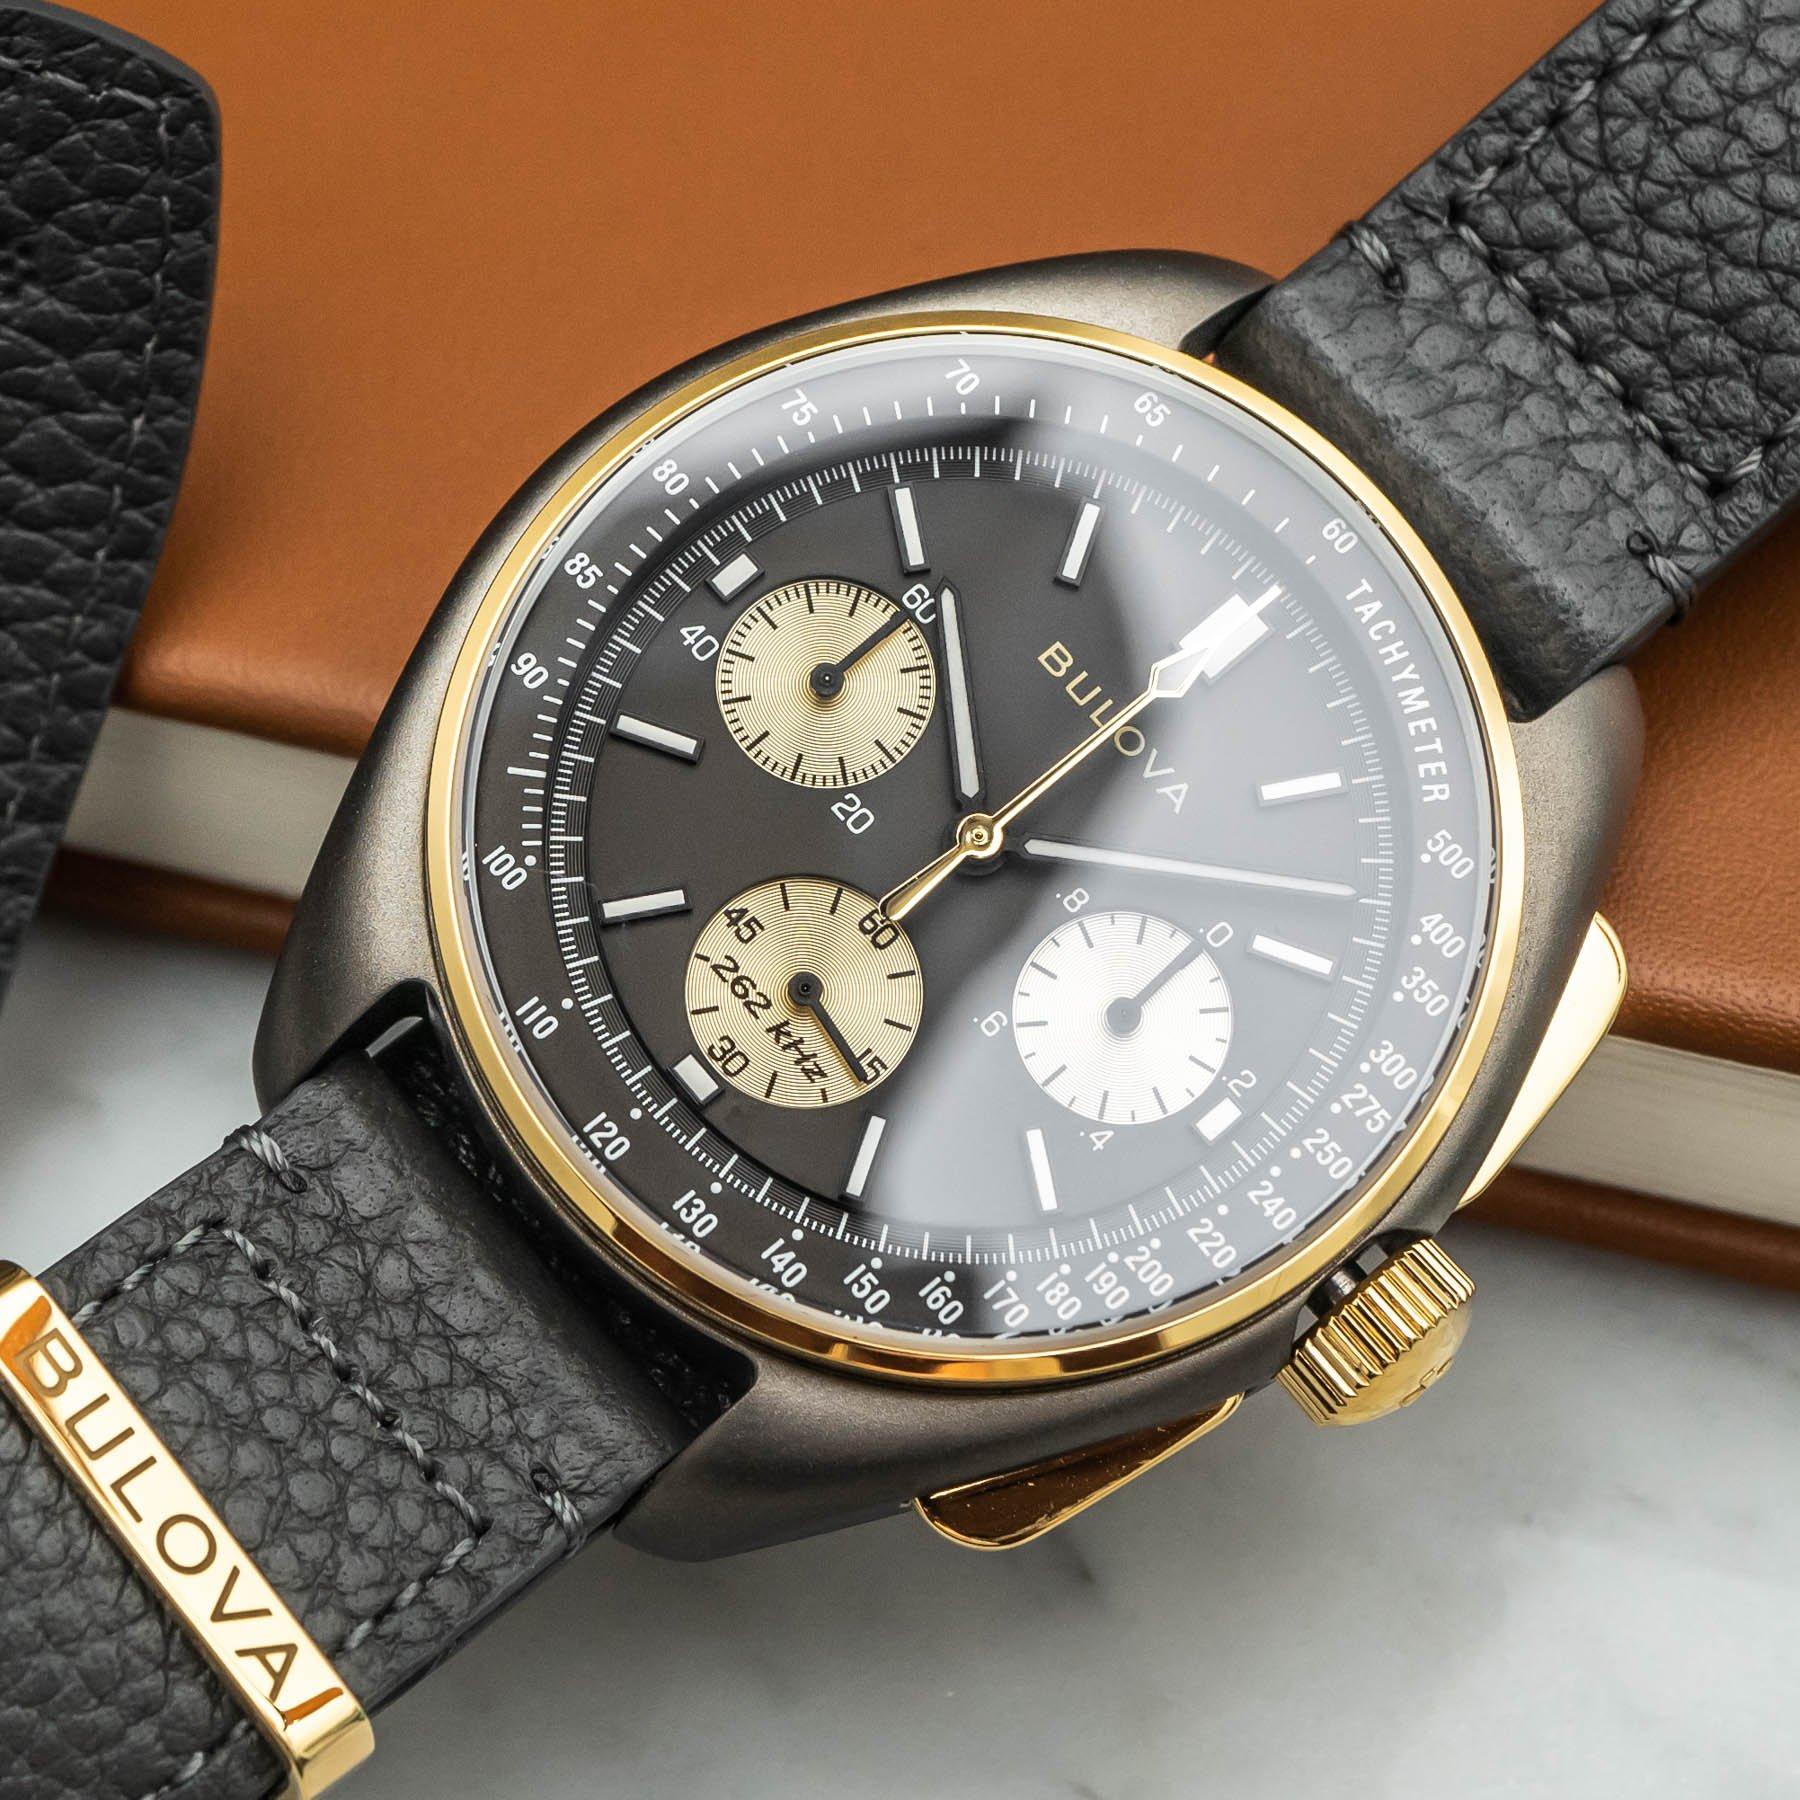 Часы ограниченной серии Bulova Lunar Pilot к 50-летию Аполлона-15